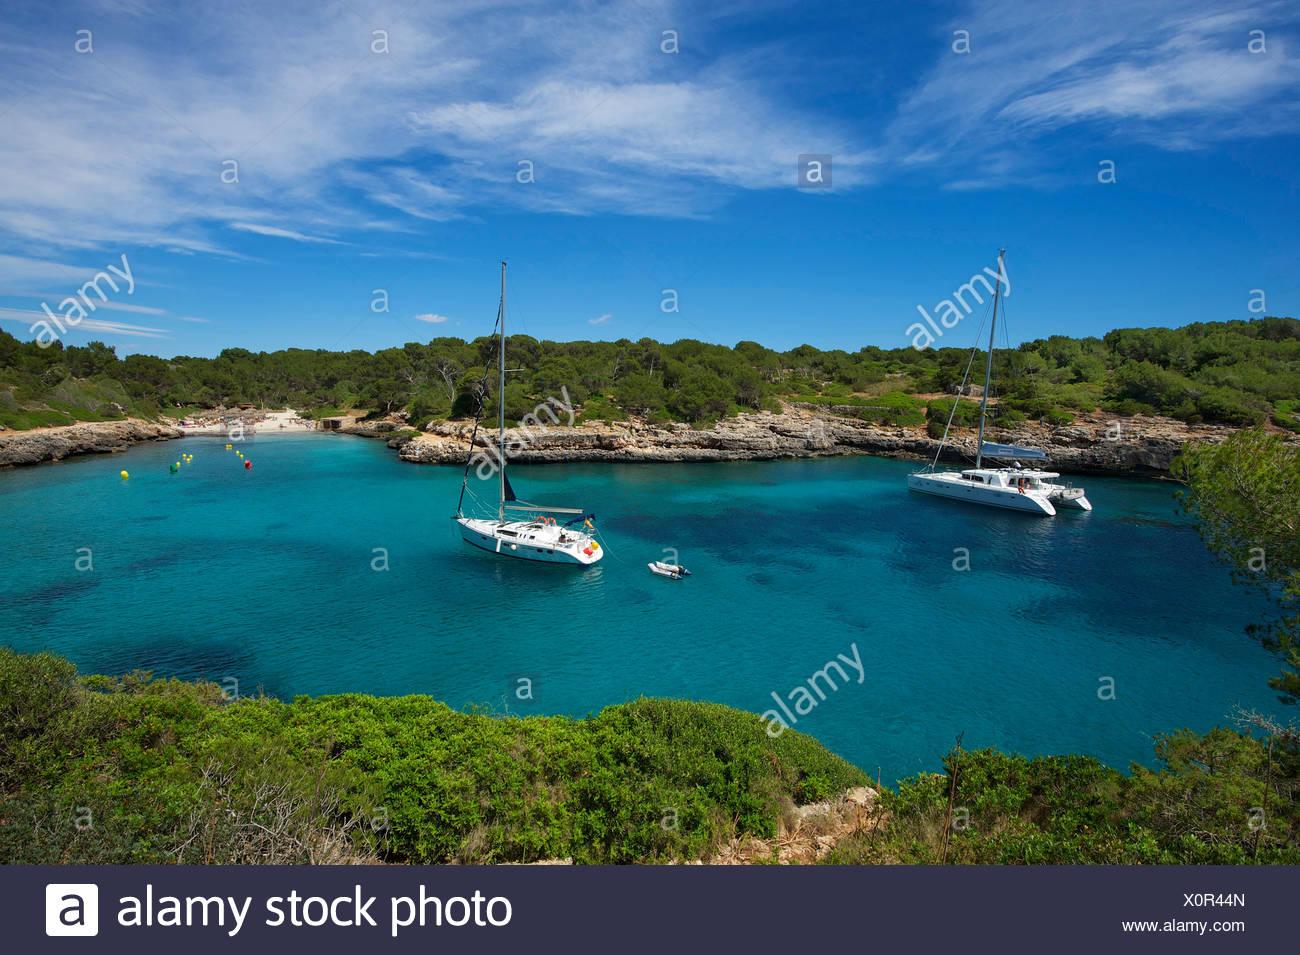 Balearic Islands, Majorca, Mallorca, Spain, Europe, outside, Cala Sa Nau, coast, seashore, coasts, seashores, coastal scenery, c - Stock Image